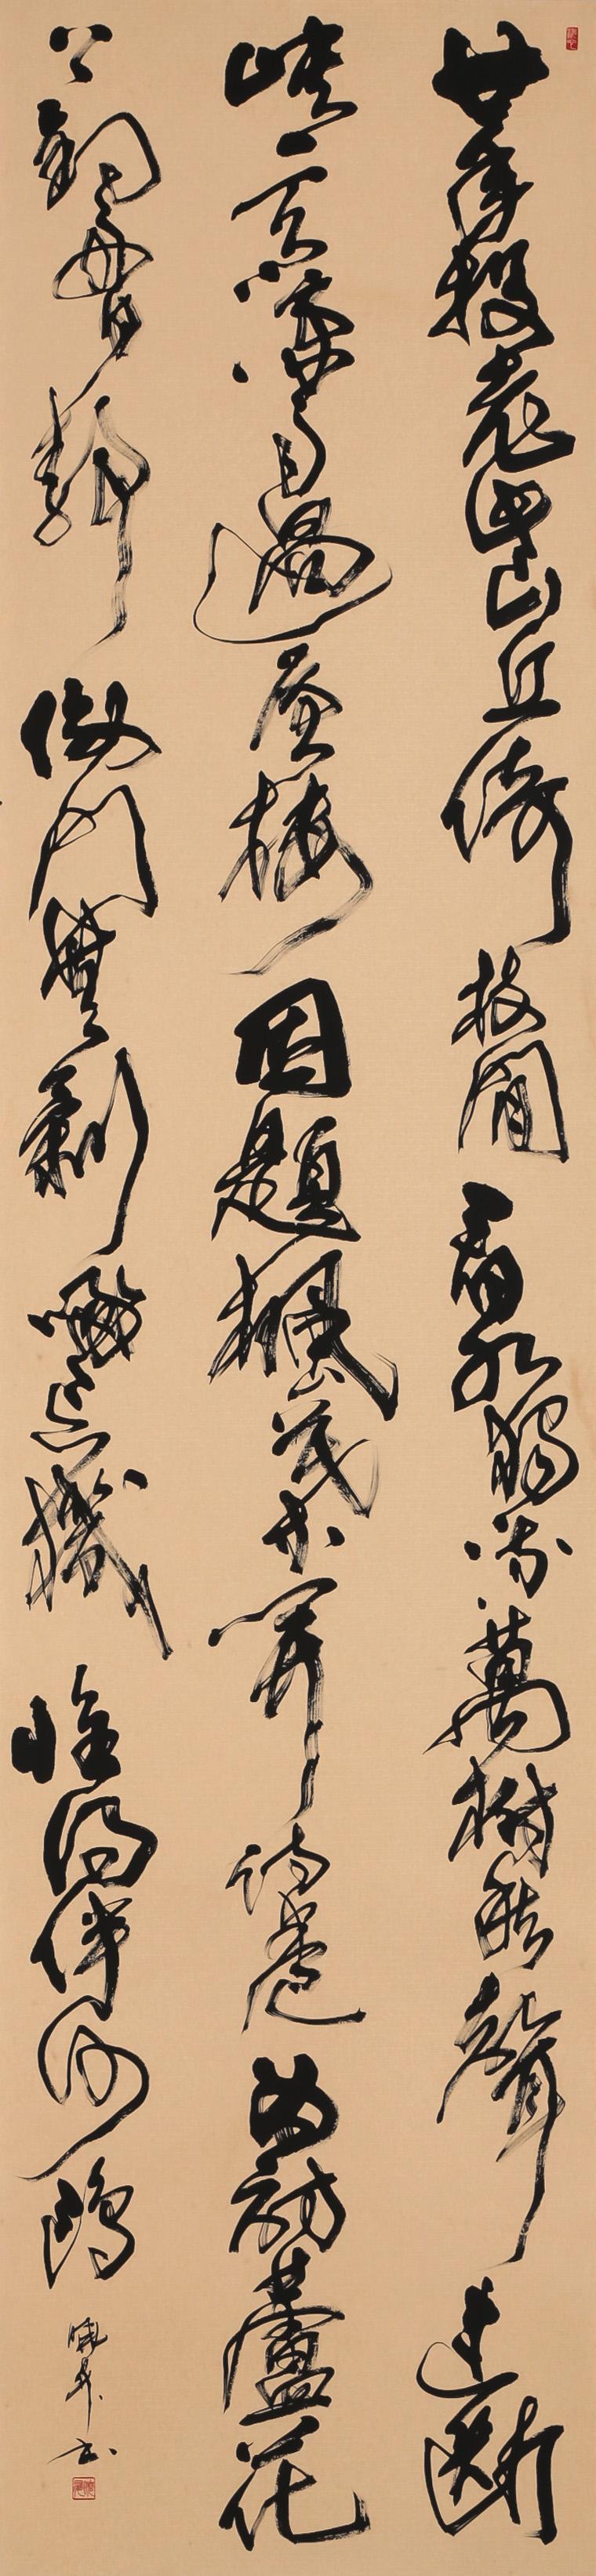 第34回産経国際書展出品作品「姜應麟 秋懐」(縦228×横53センチ)